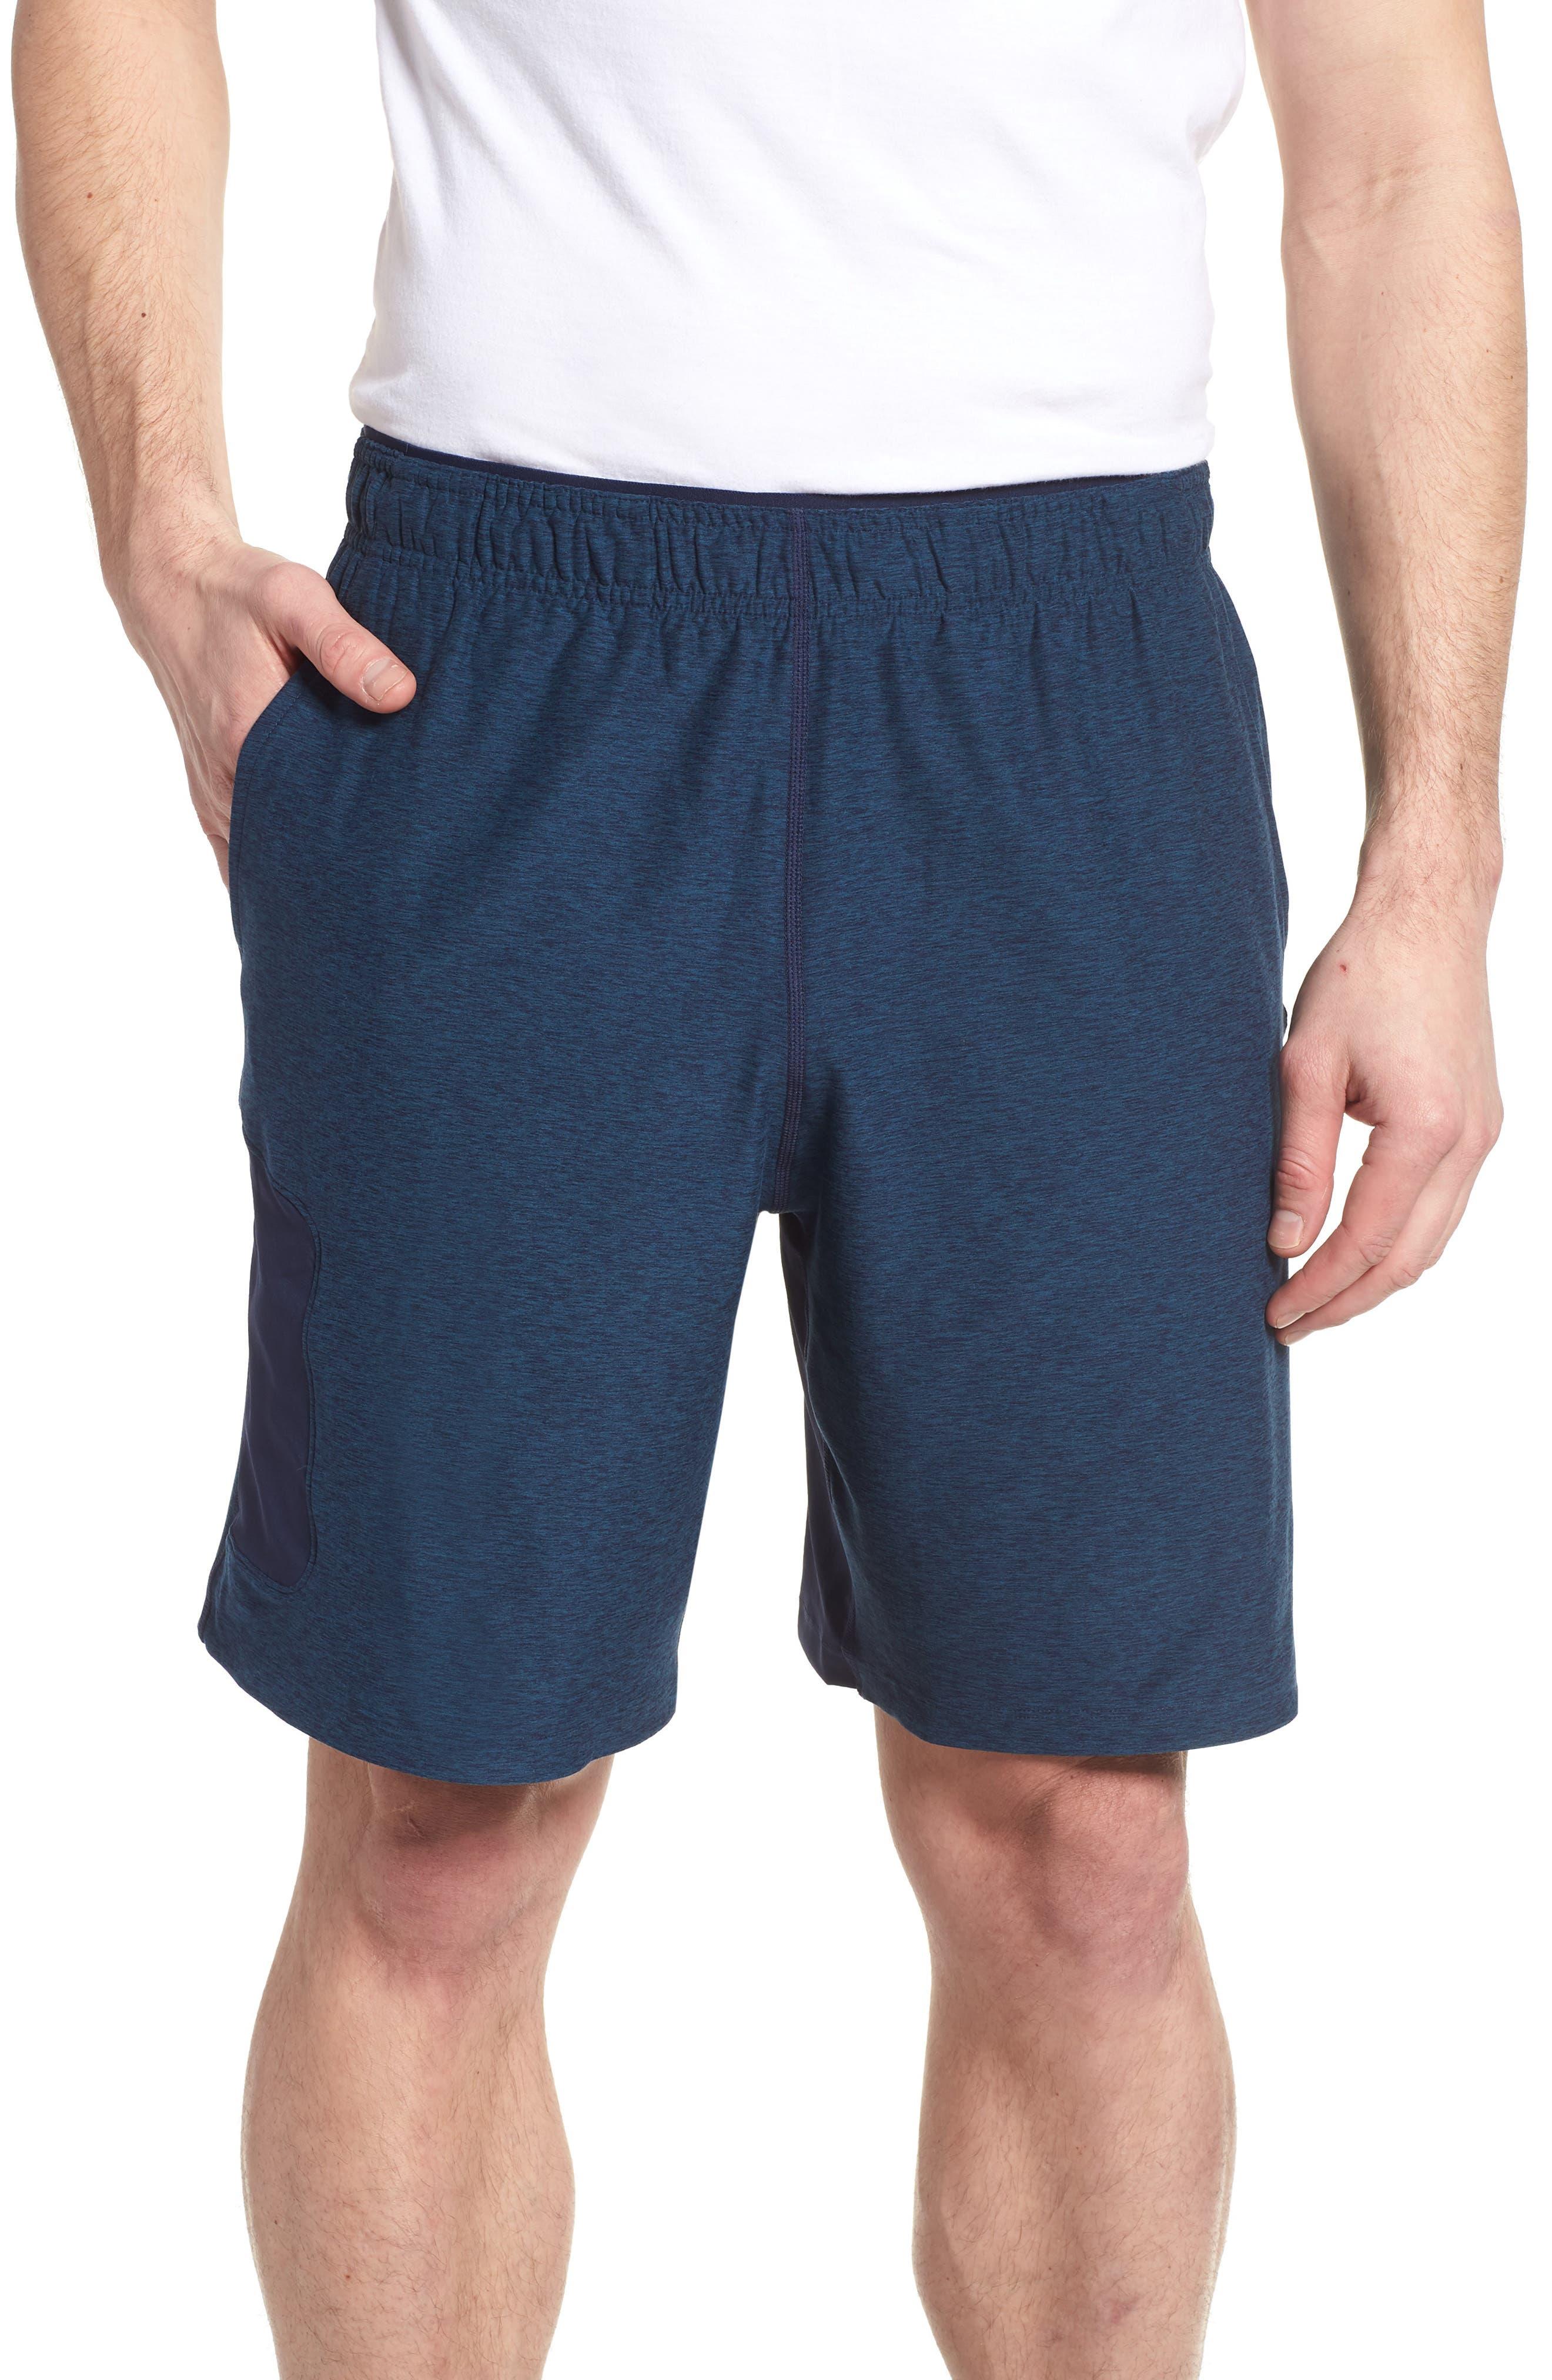 Anticipate Shorts,                         Main,                         color, Pigment